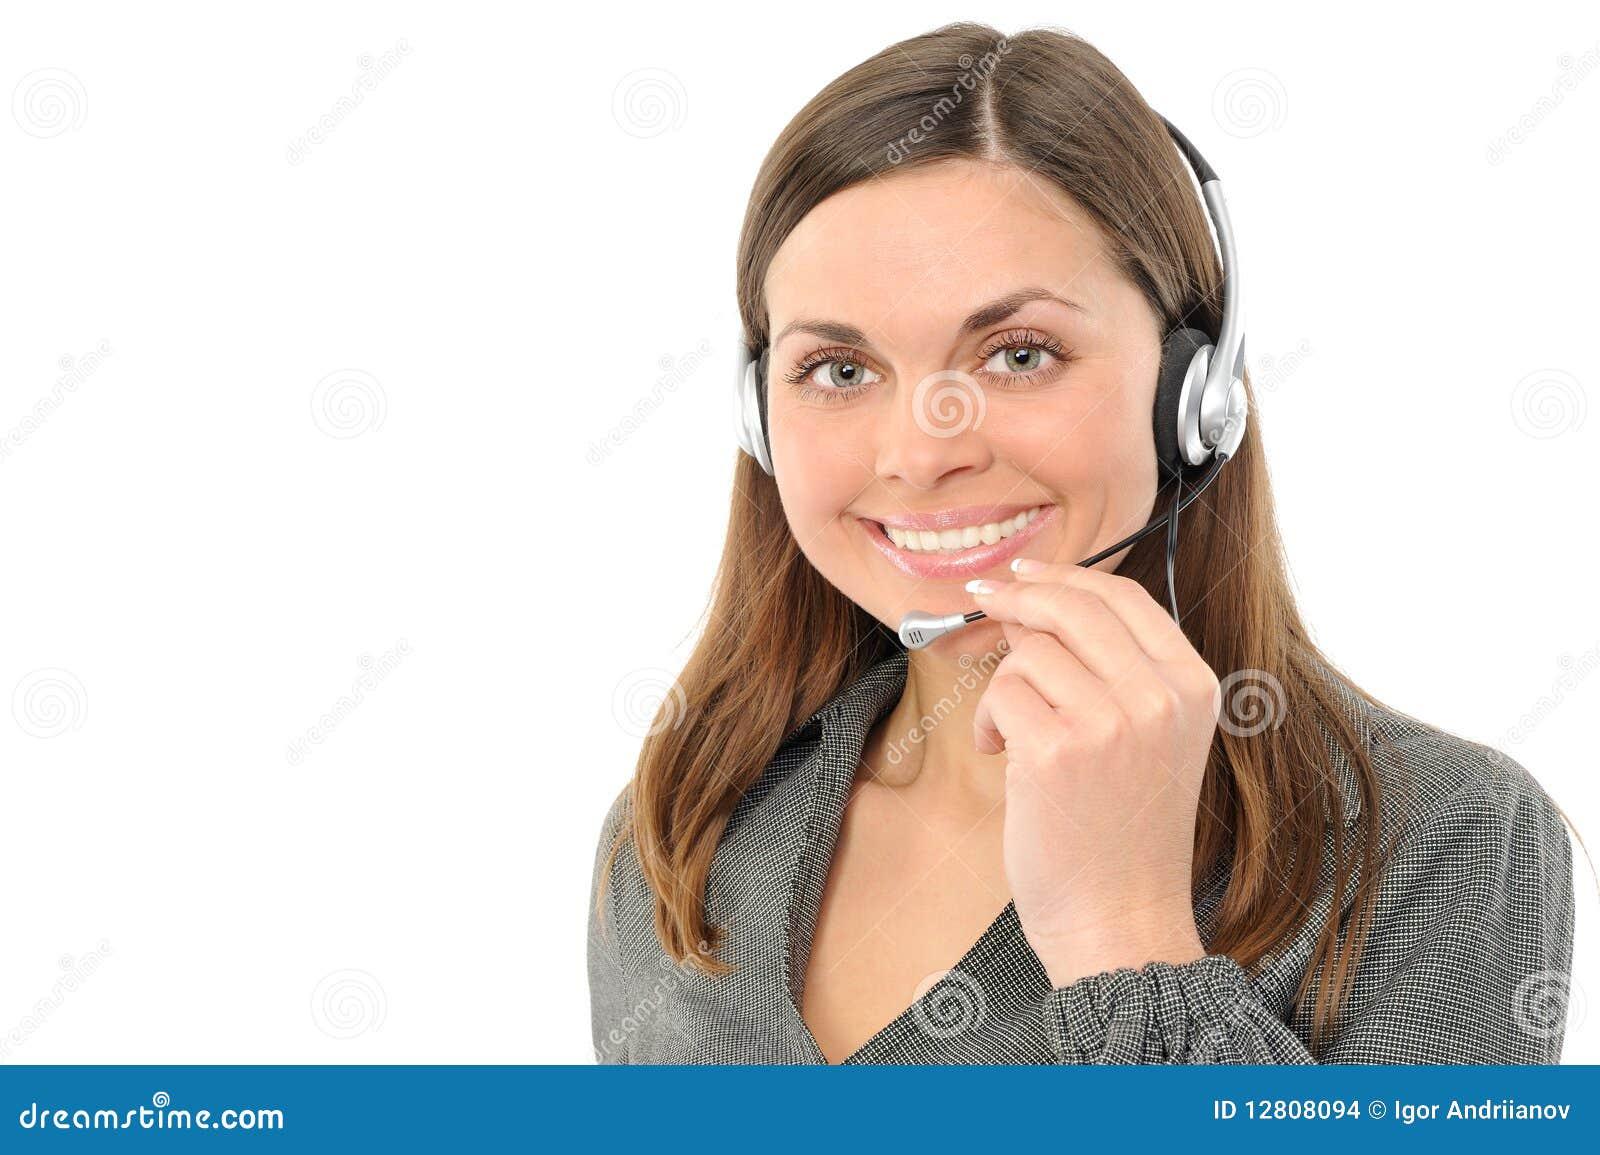 Young Female Customer Service Representative Stock Photo